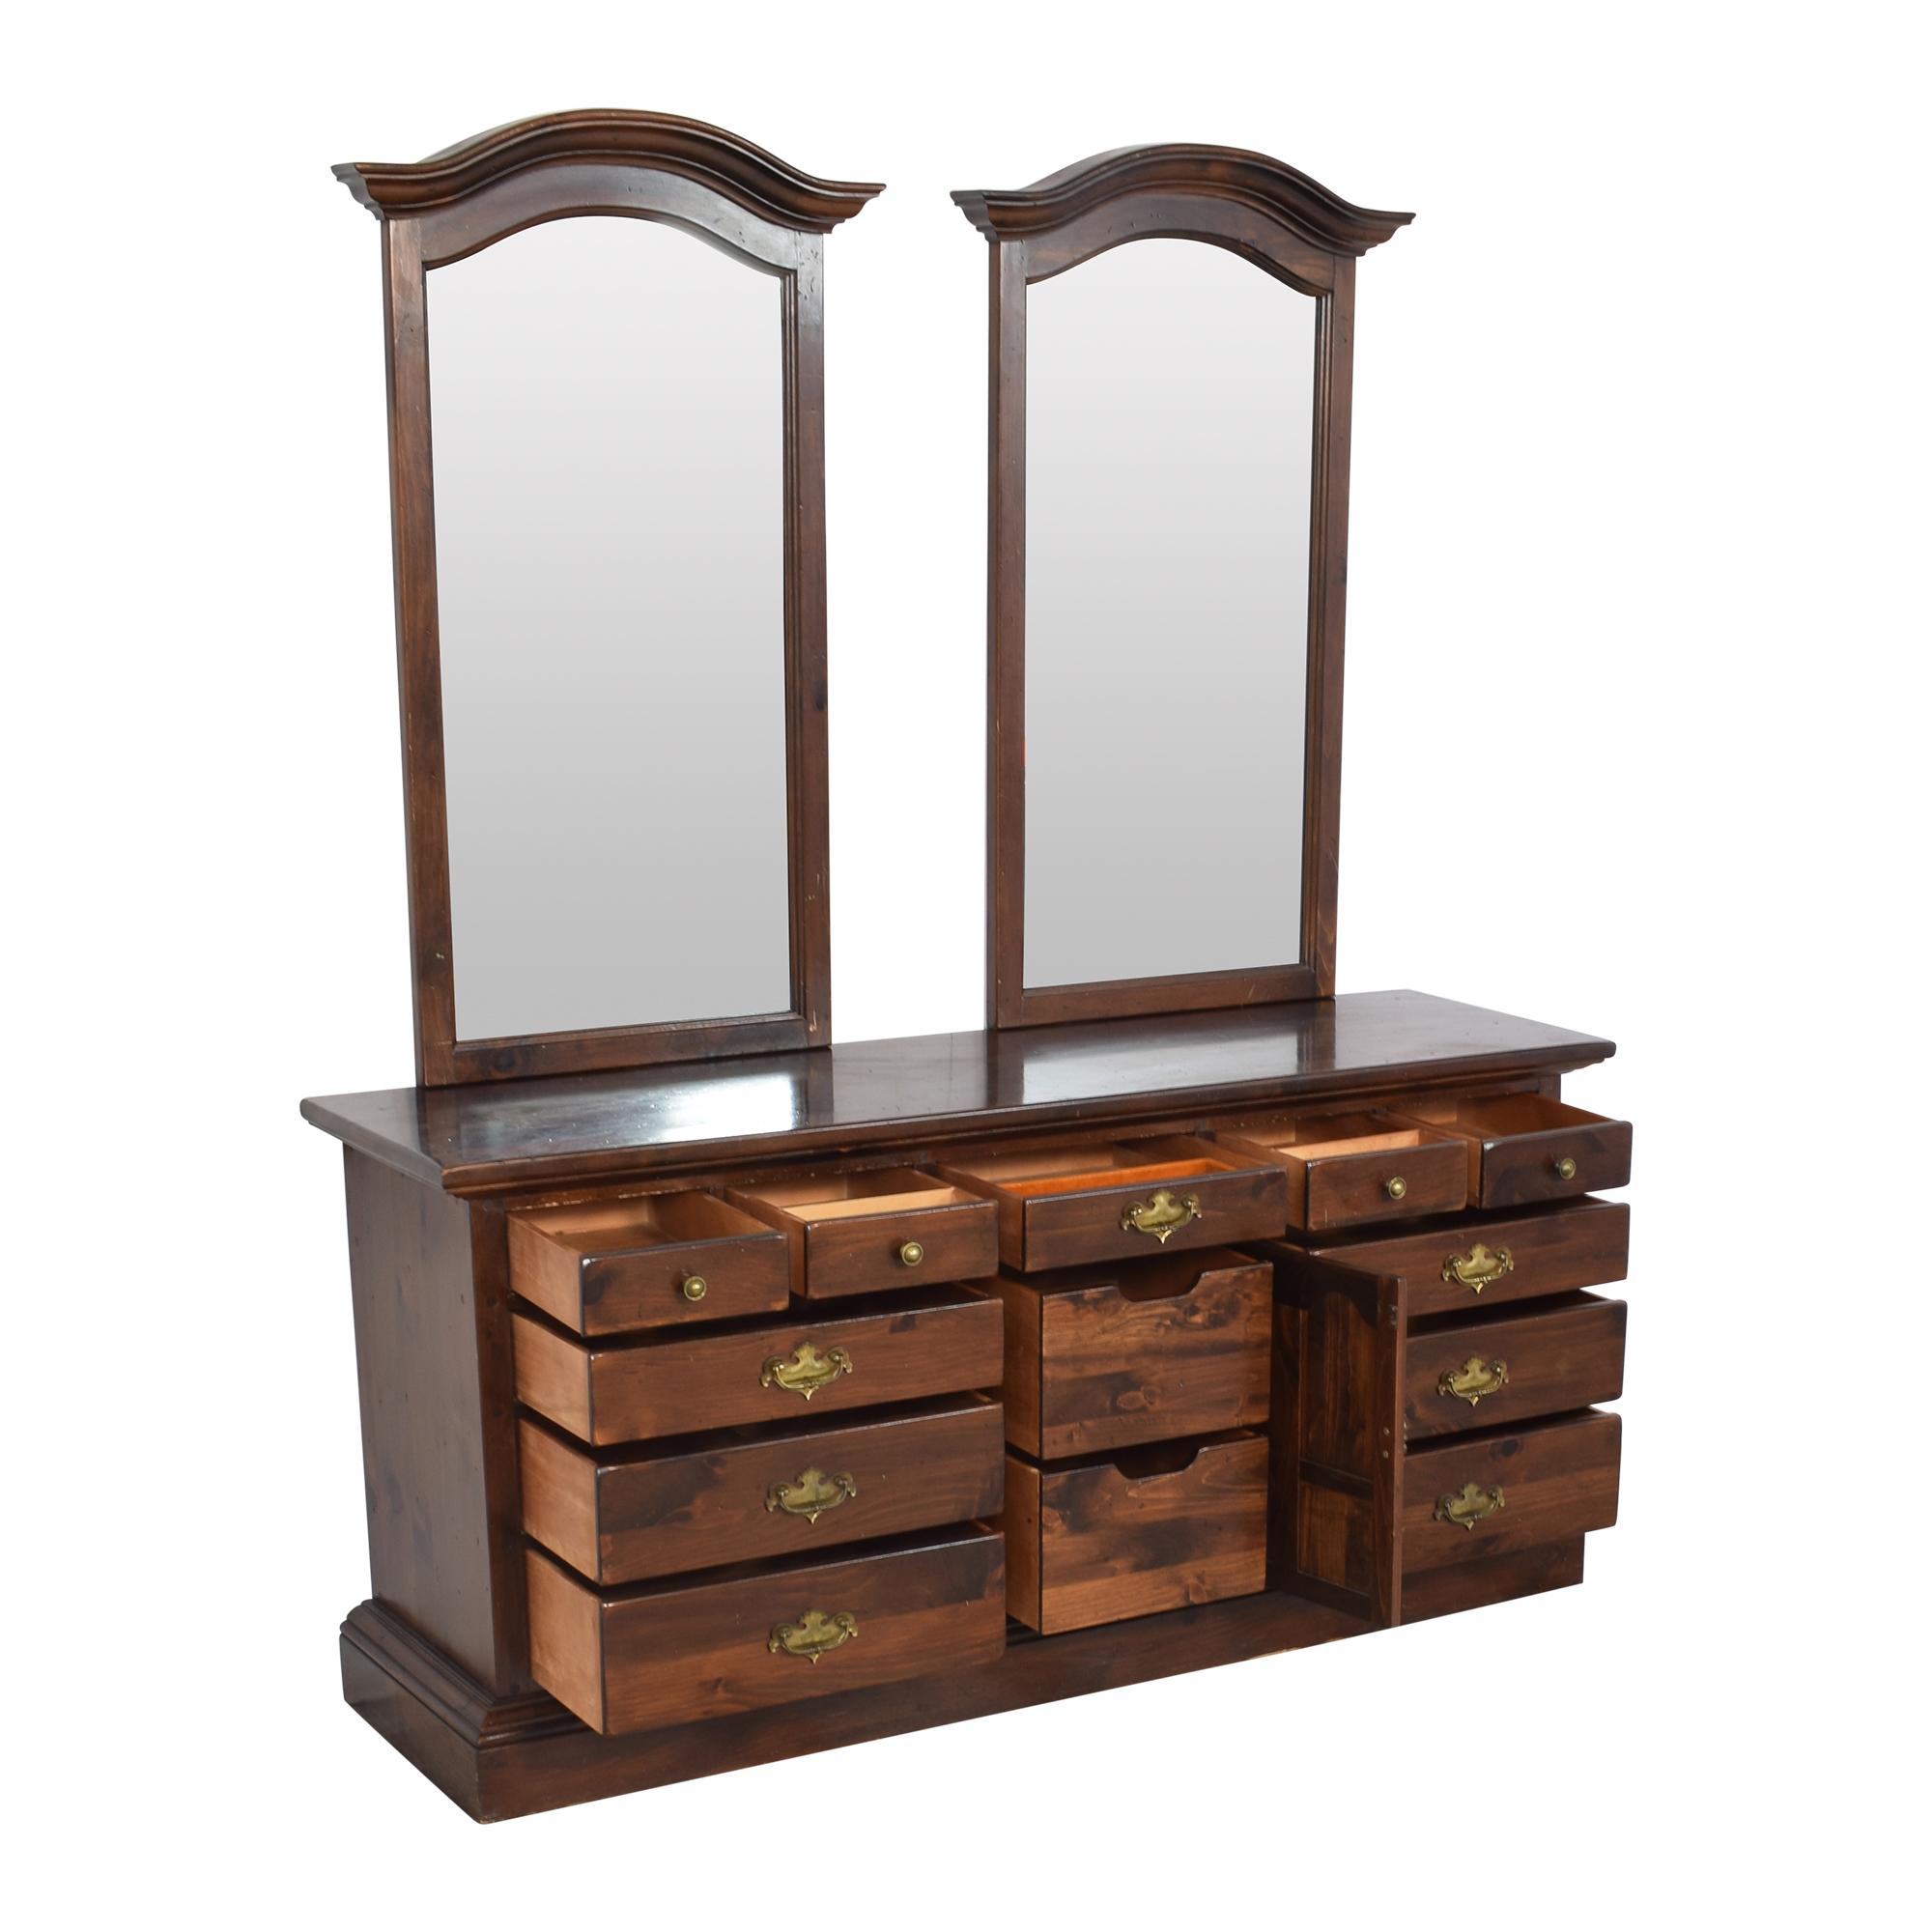 buy Ethan Allen Ethan Allen Old Tavern Triple Door Dresser with Twin Mirrors online